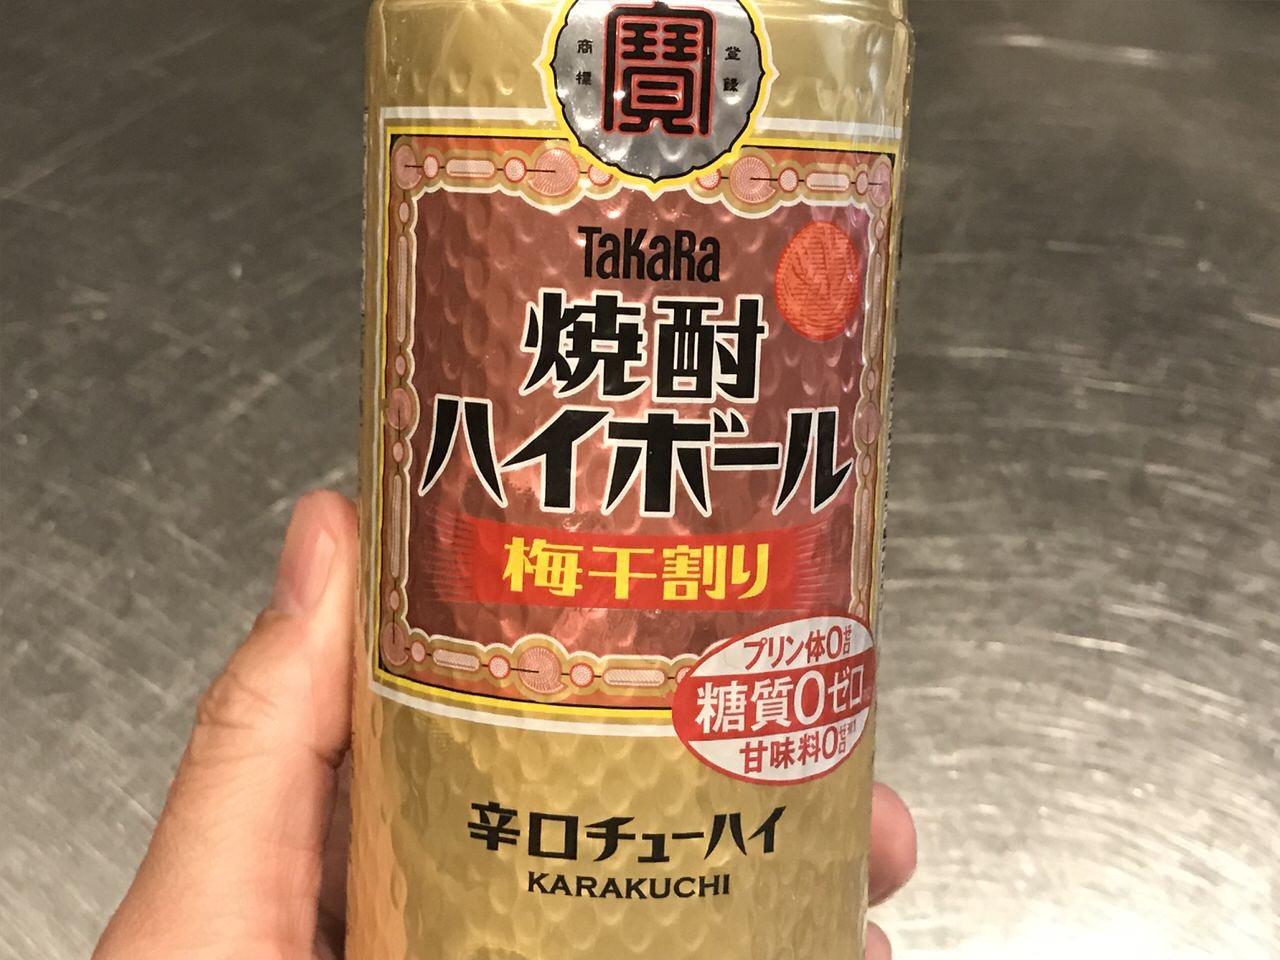 タカラ焼酎「焼酎ハイボール 梅干割り」呑んでみた【感想】